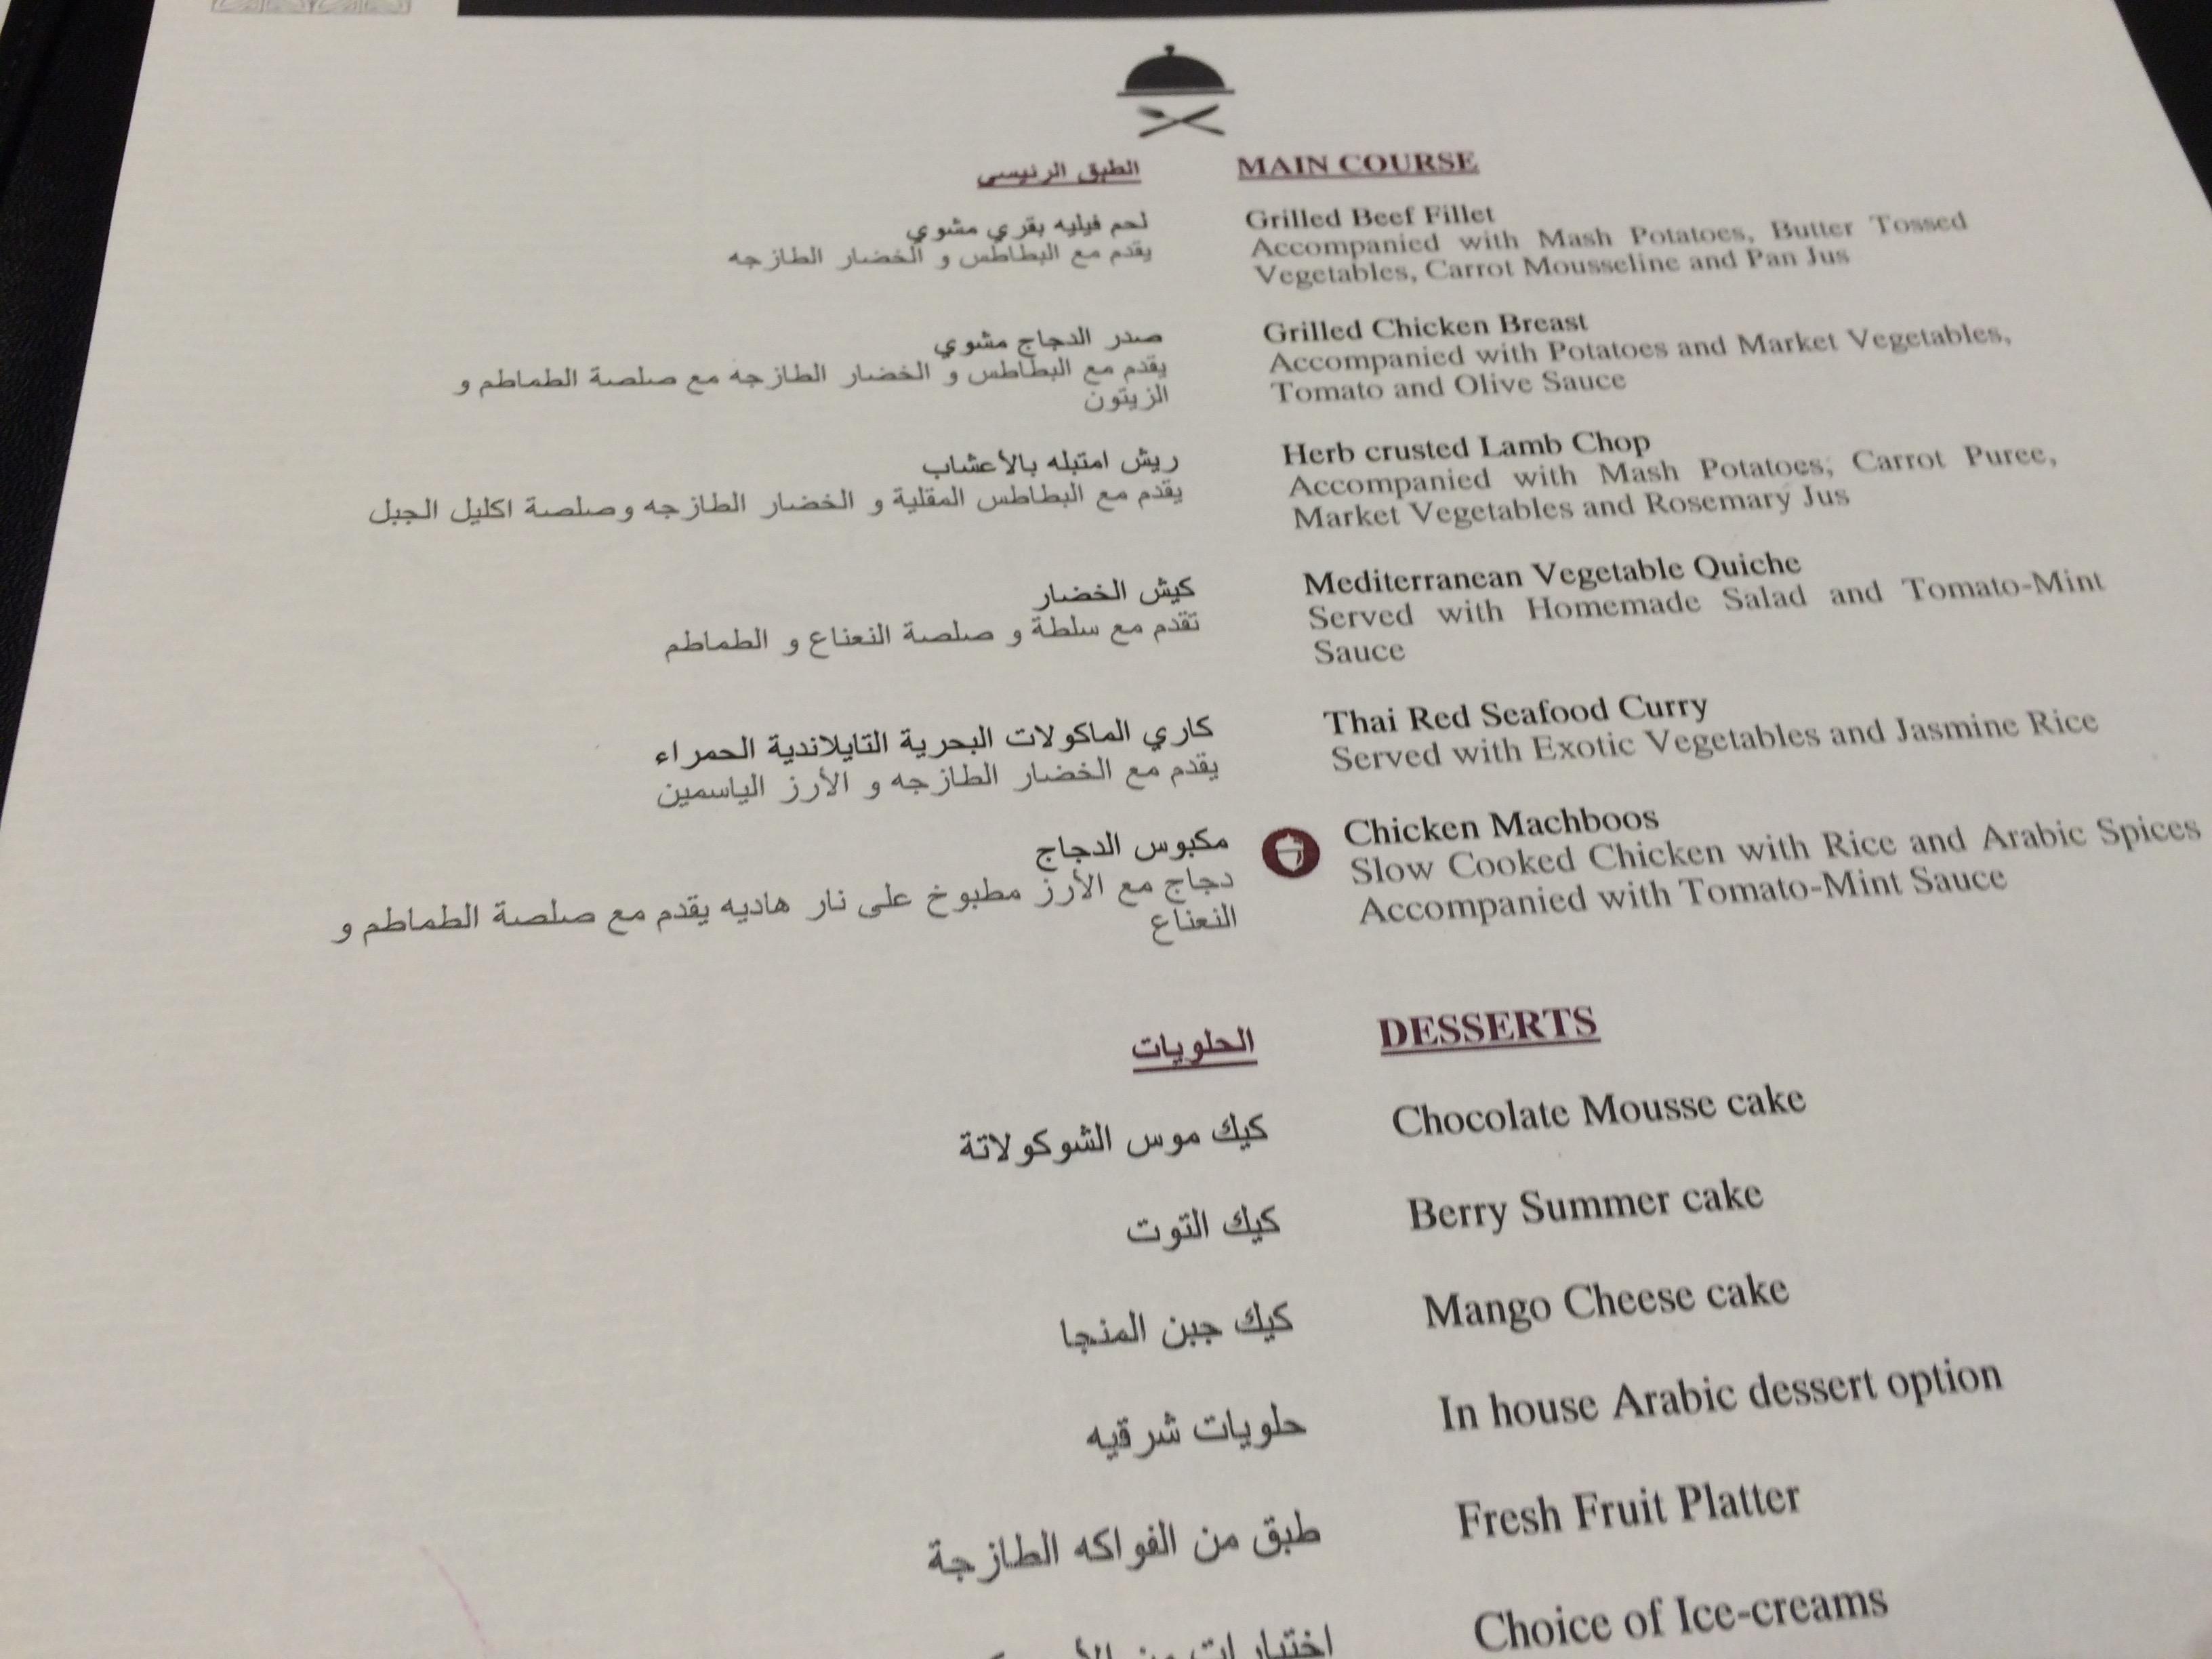 Qatar Airways First Class - Al Safwa Menu Right Page - InsideFlyer UK